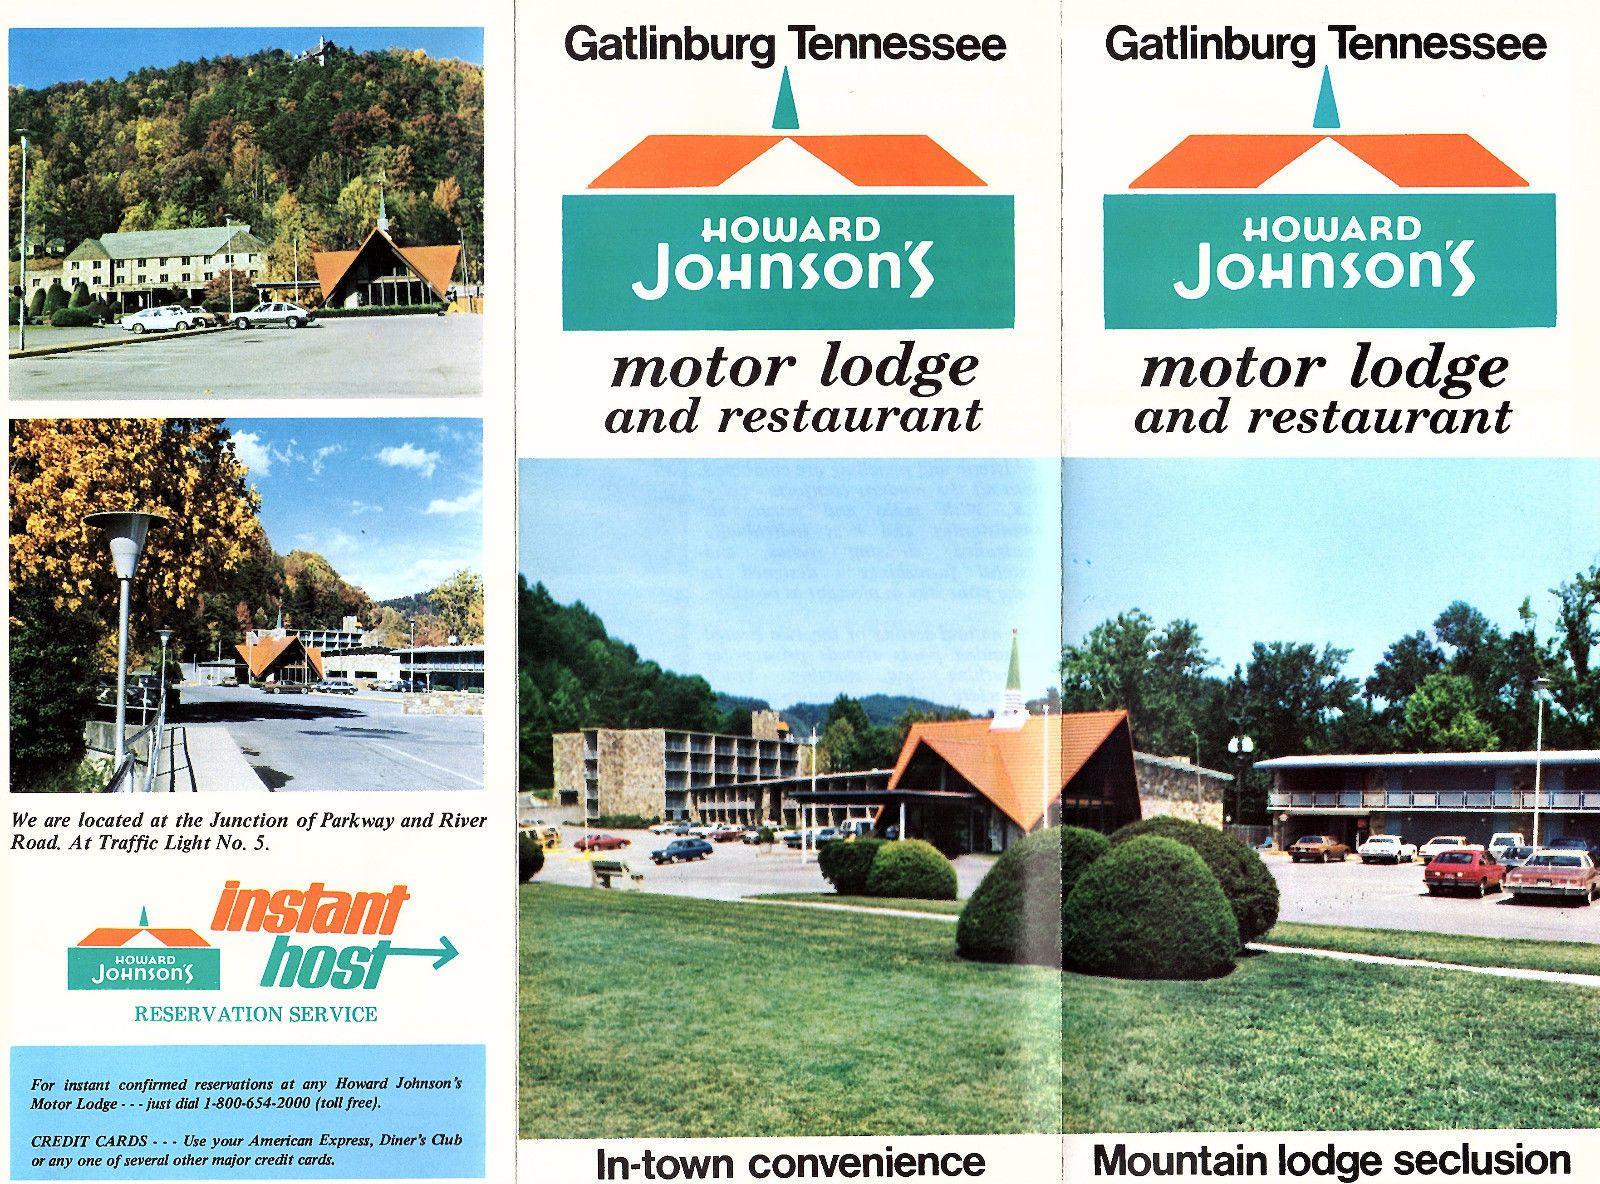 Howard Johnsons Howard Johnson S Gatlinburg Tennessee Gatlinburg